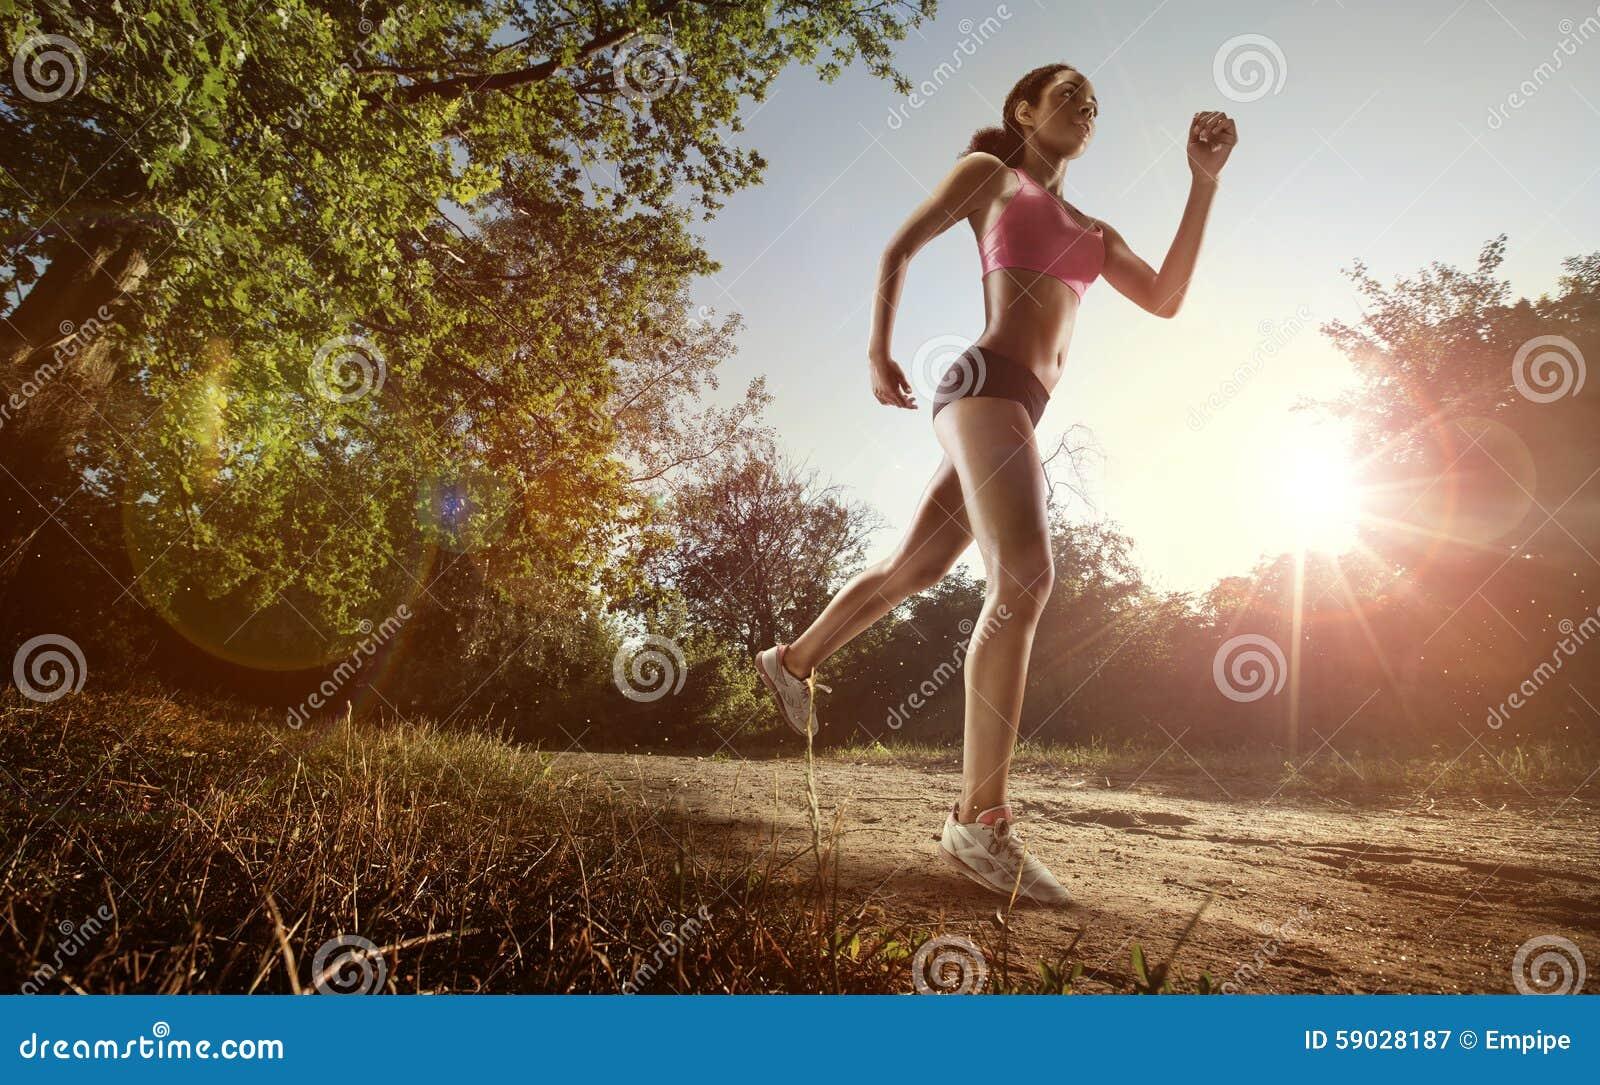 Runner athlete running at park.